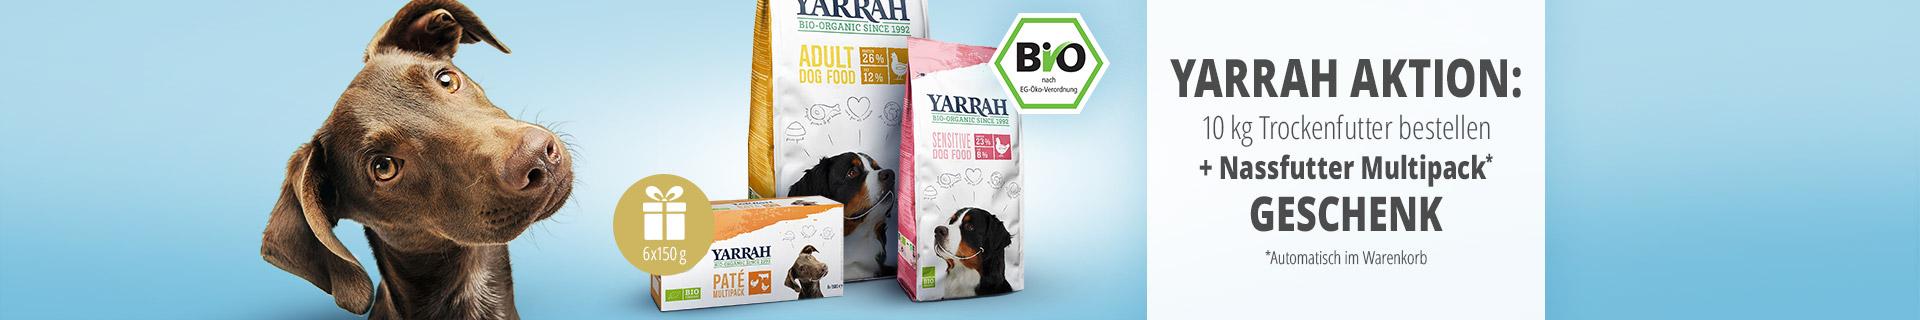 Yarrah Aktion: 10kg Trockenfutter bestellen + Nassfutter Multipack geschenkt